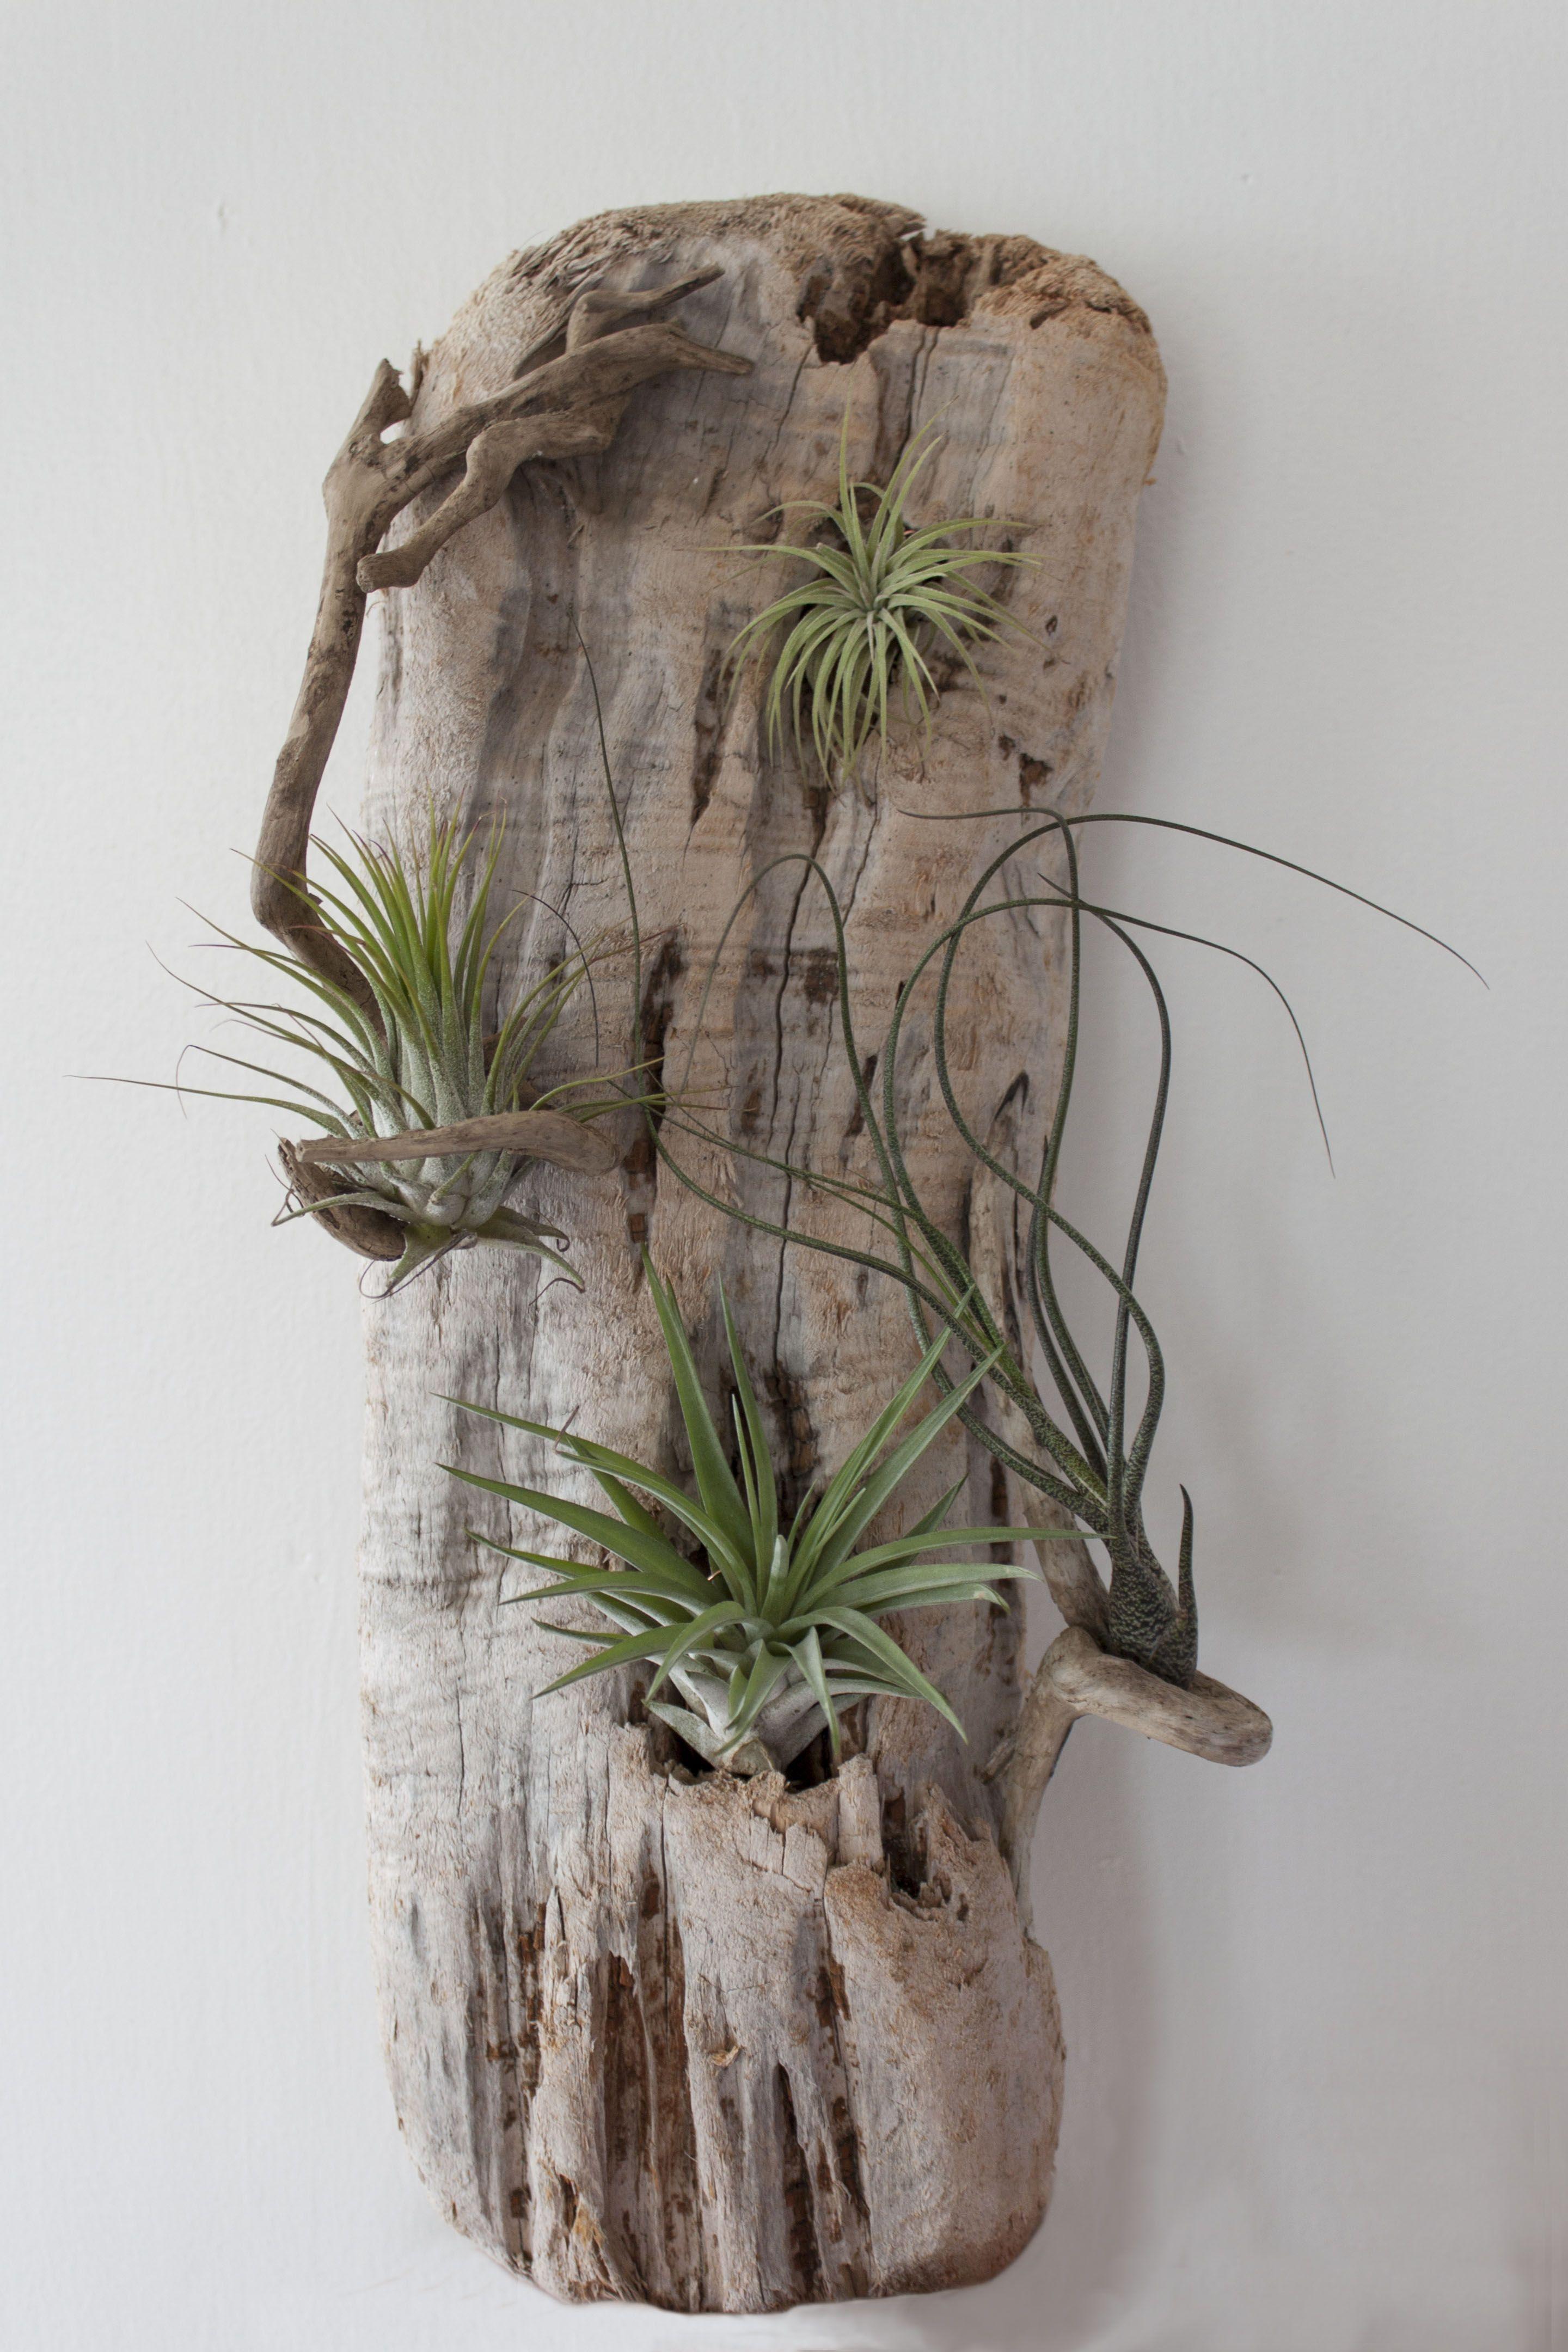 Drift wood and tillandsia sculpture by Gwynessa Balvanz